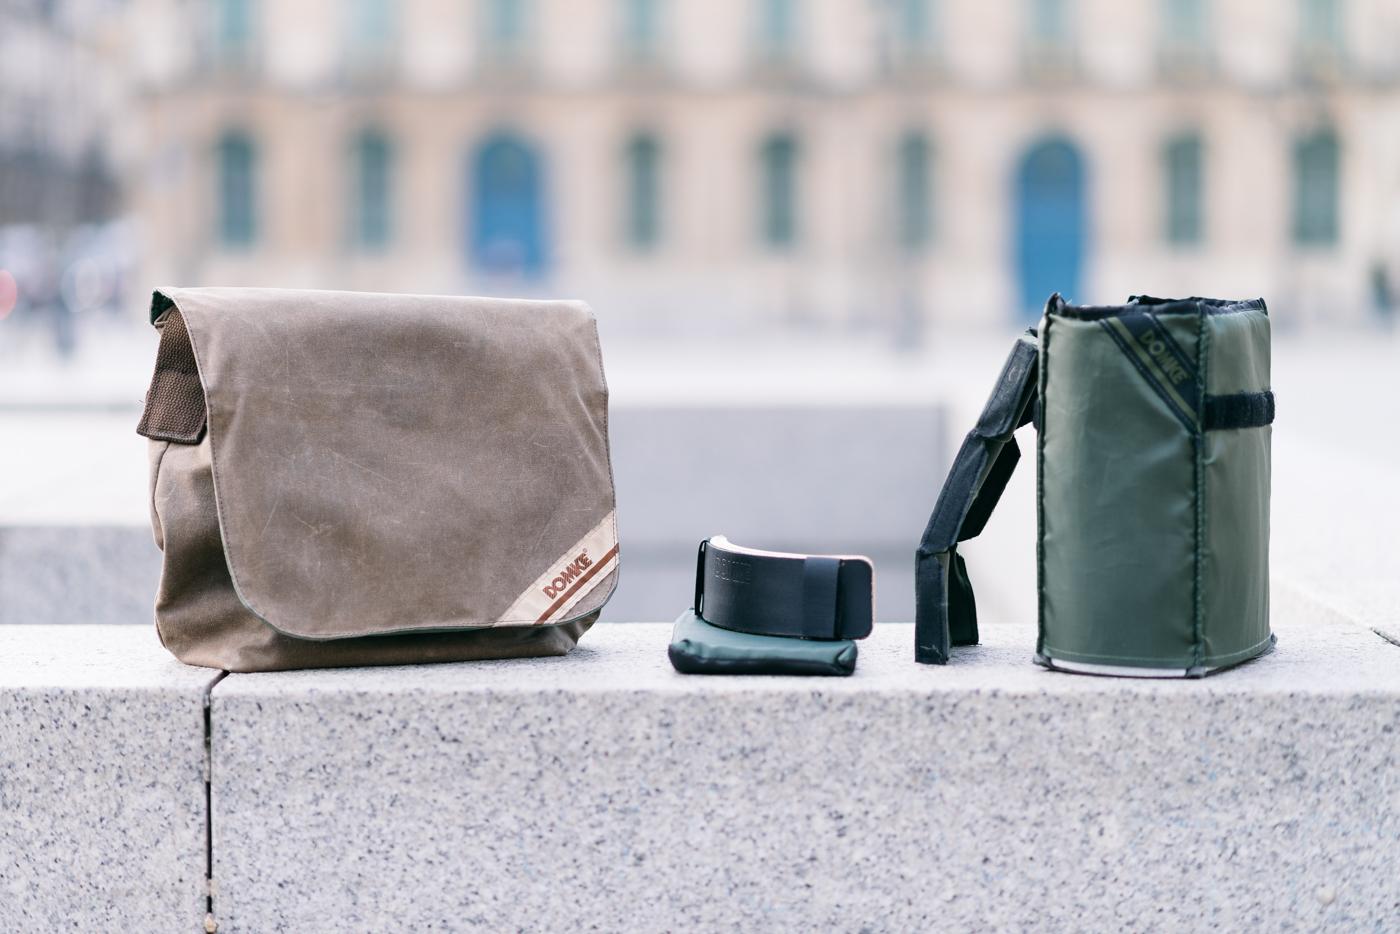 Le sac, le renfort de fond, l'insert ainsi que son séparateur et le renfort d'épaule (optionnel)